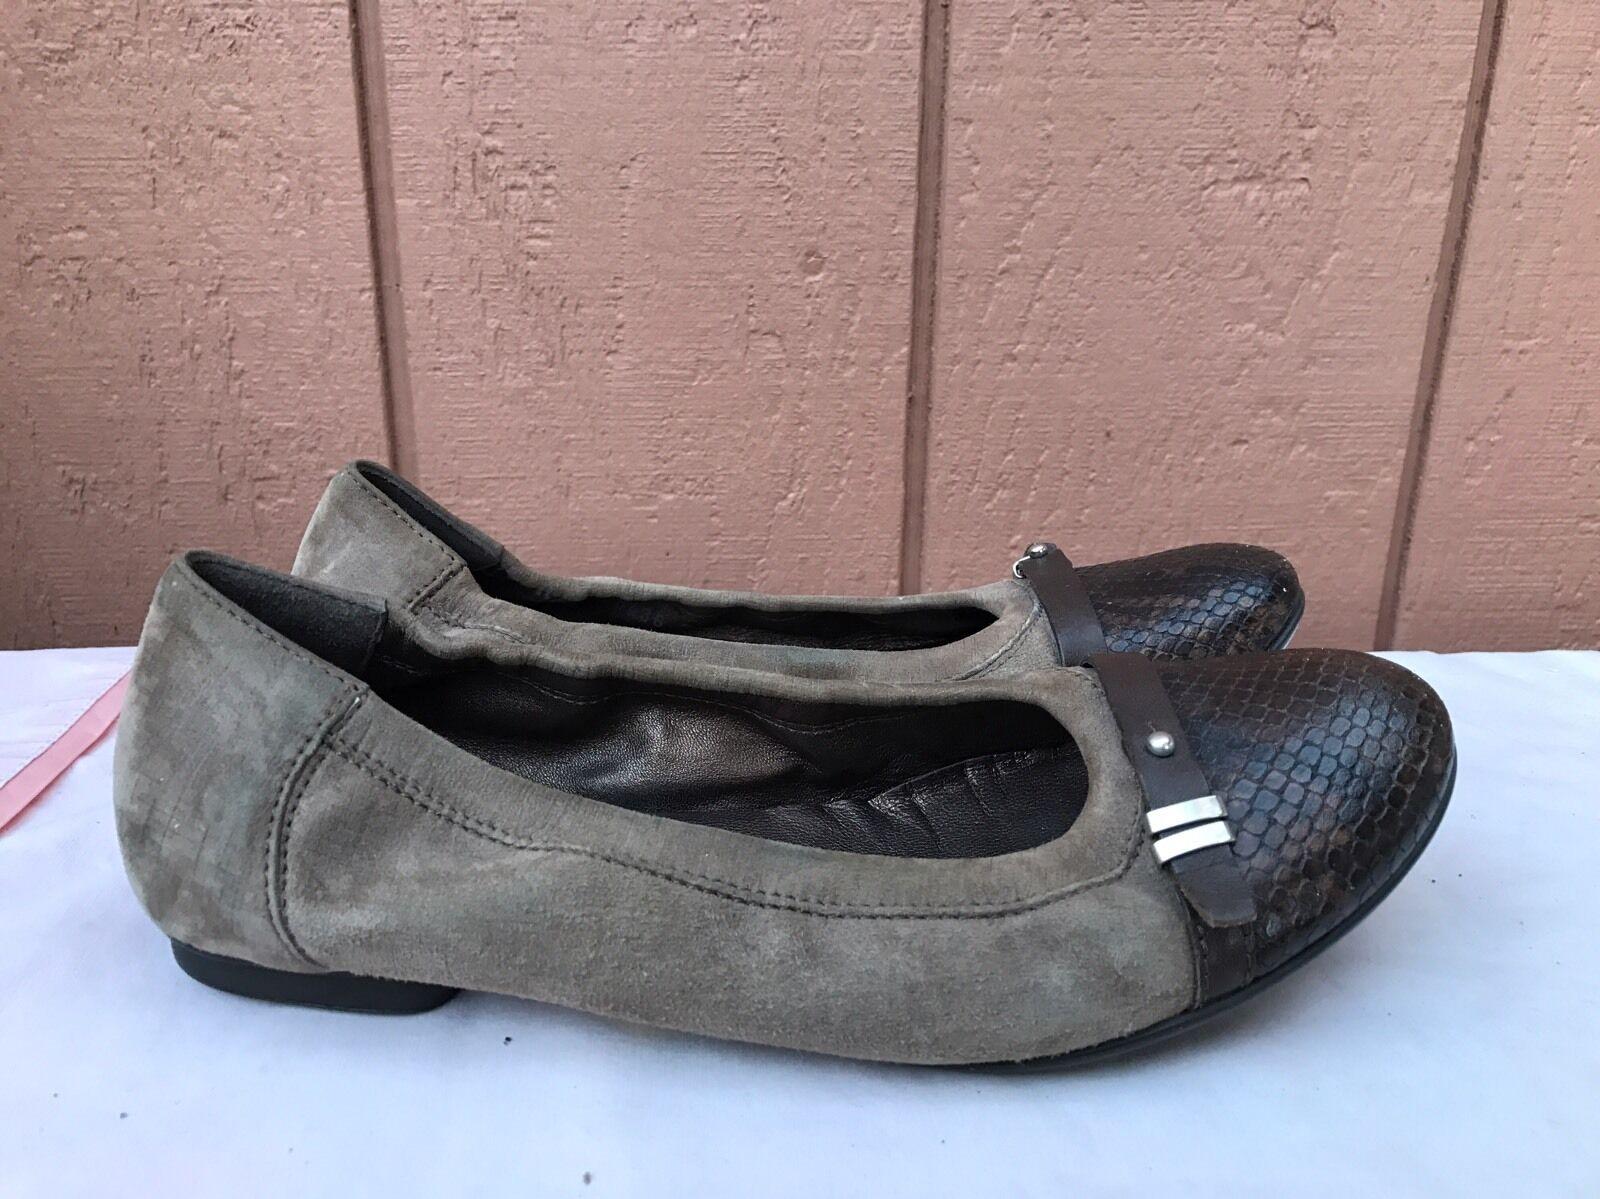 la migliore moda AGL AGL AGL Attilio Giusti Leombruni Beige Leather Ballet Flat Snake Toe 38.5 US 7.5 - 8  garantito